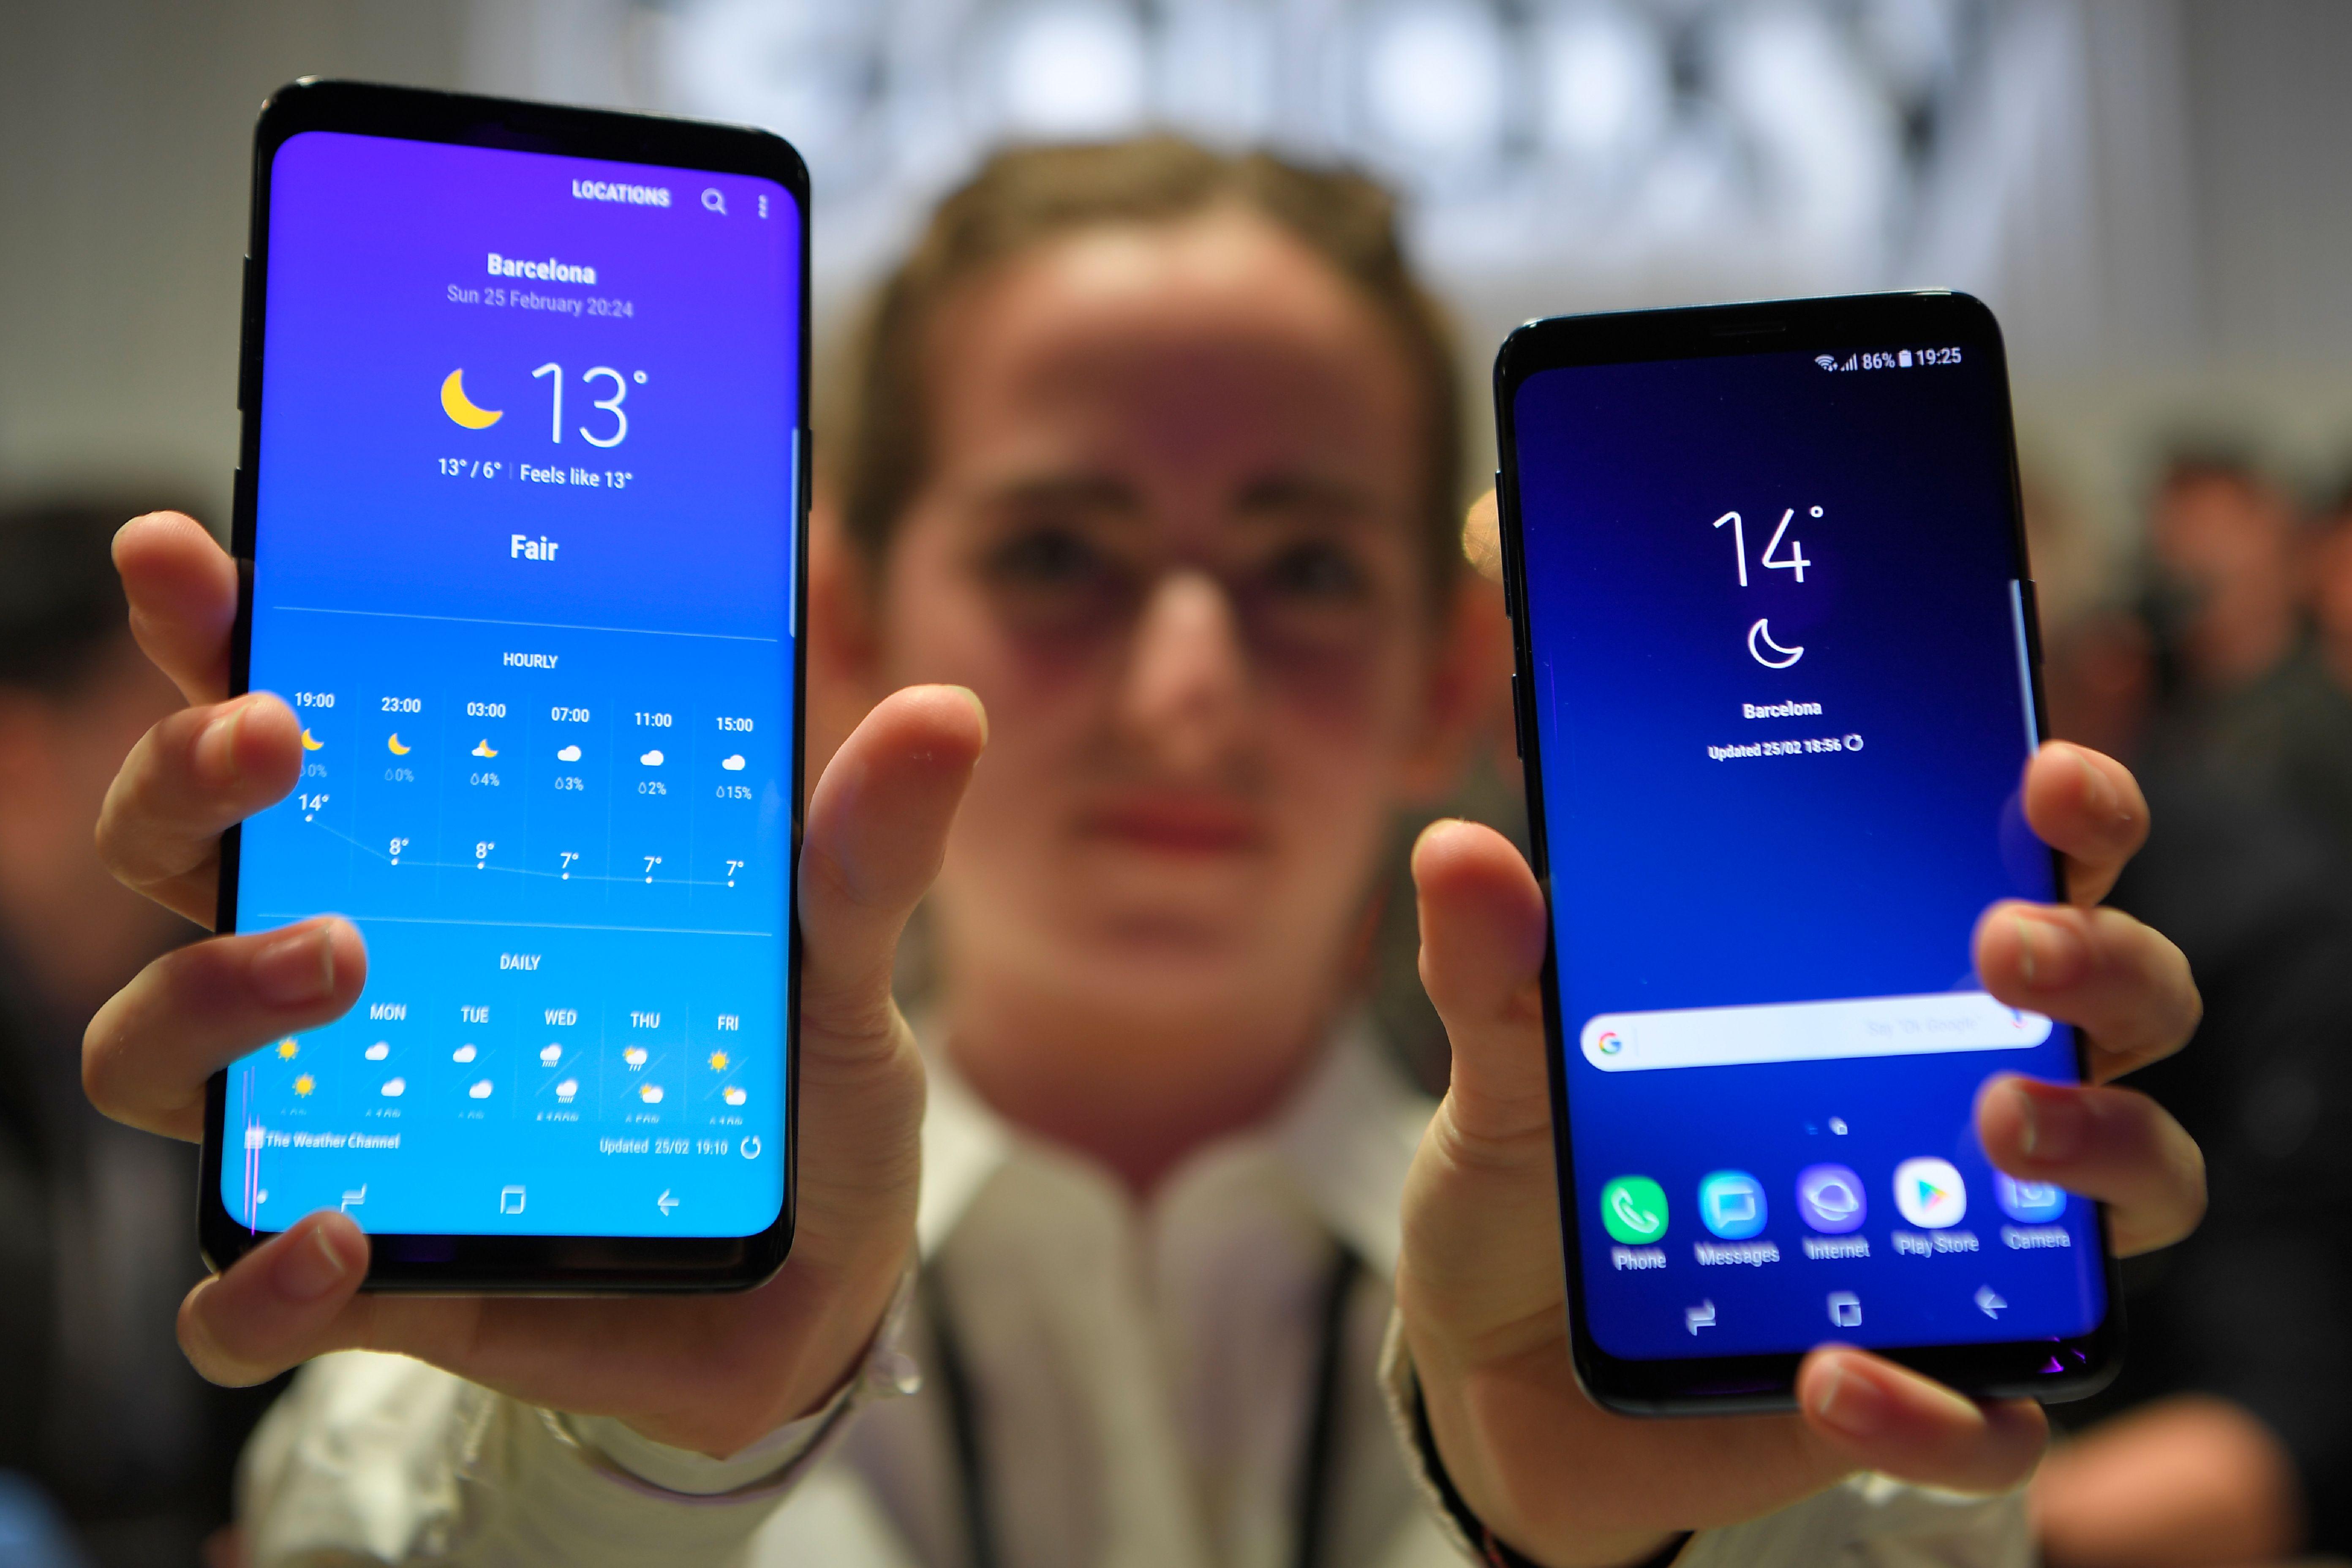 سامسونج Galaxy S9 و S9 Plus: المواصفات والأسعار والإصدار 1